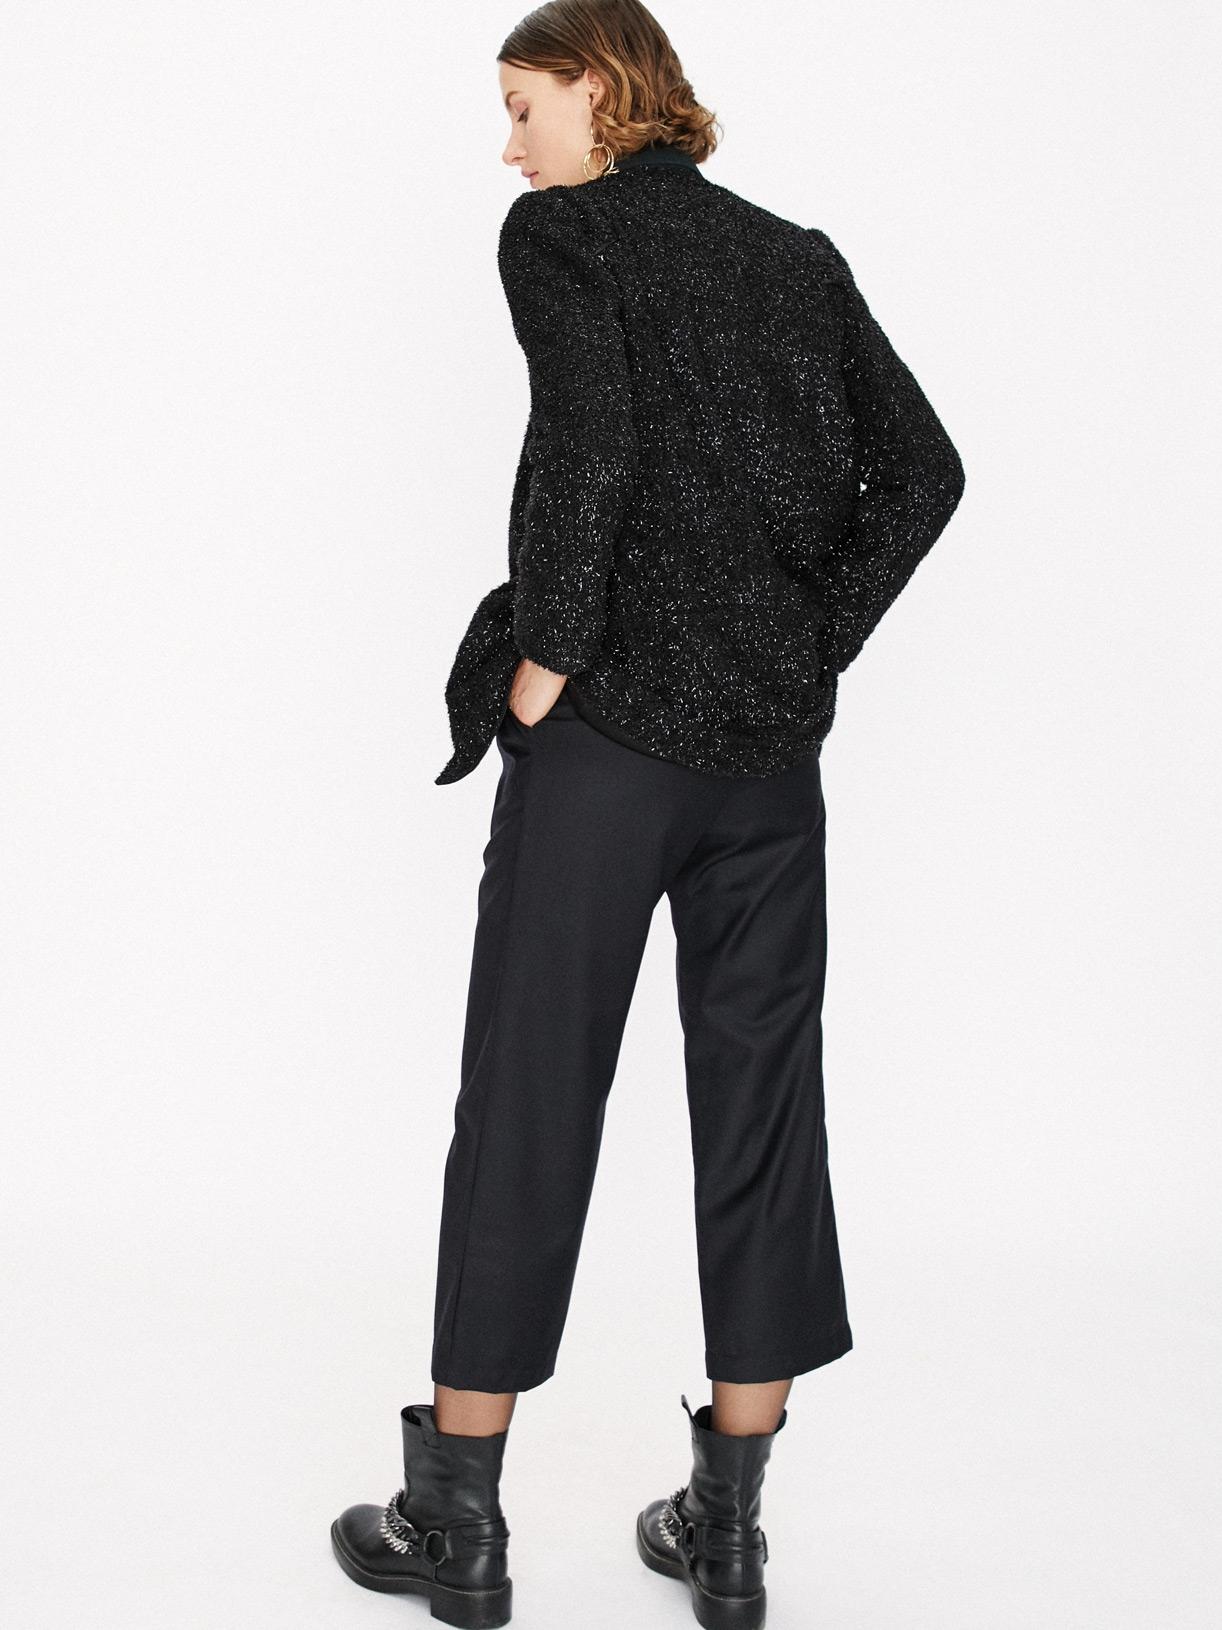 Pantalon chino en laine écoresponsable - Creatrice de mode éthique et bio a Paris - Myphilosophy